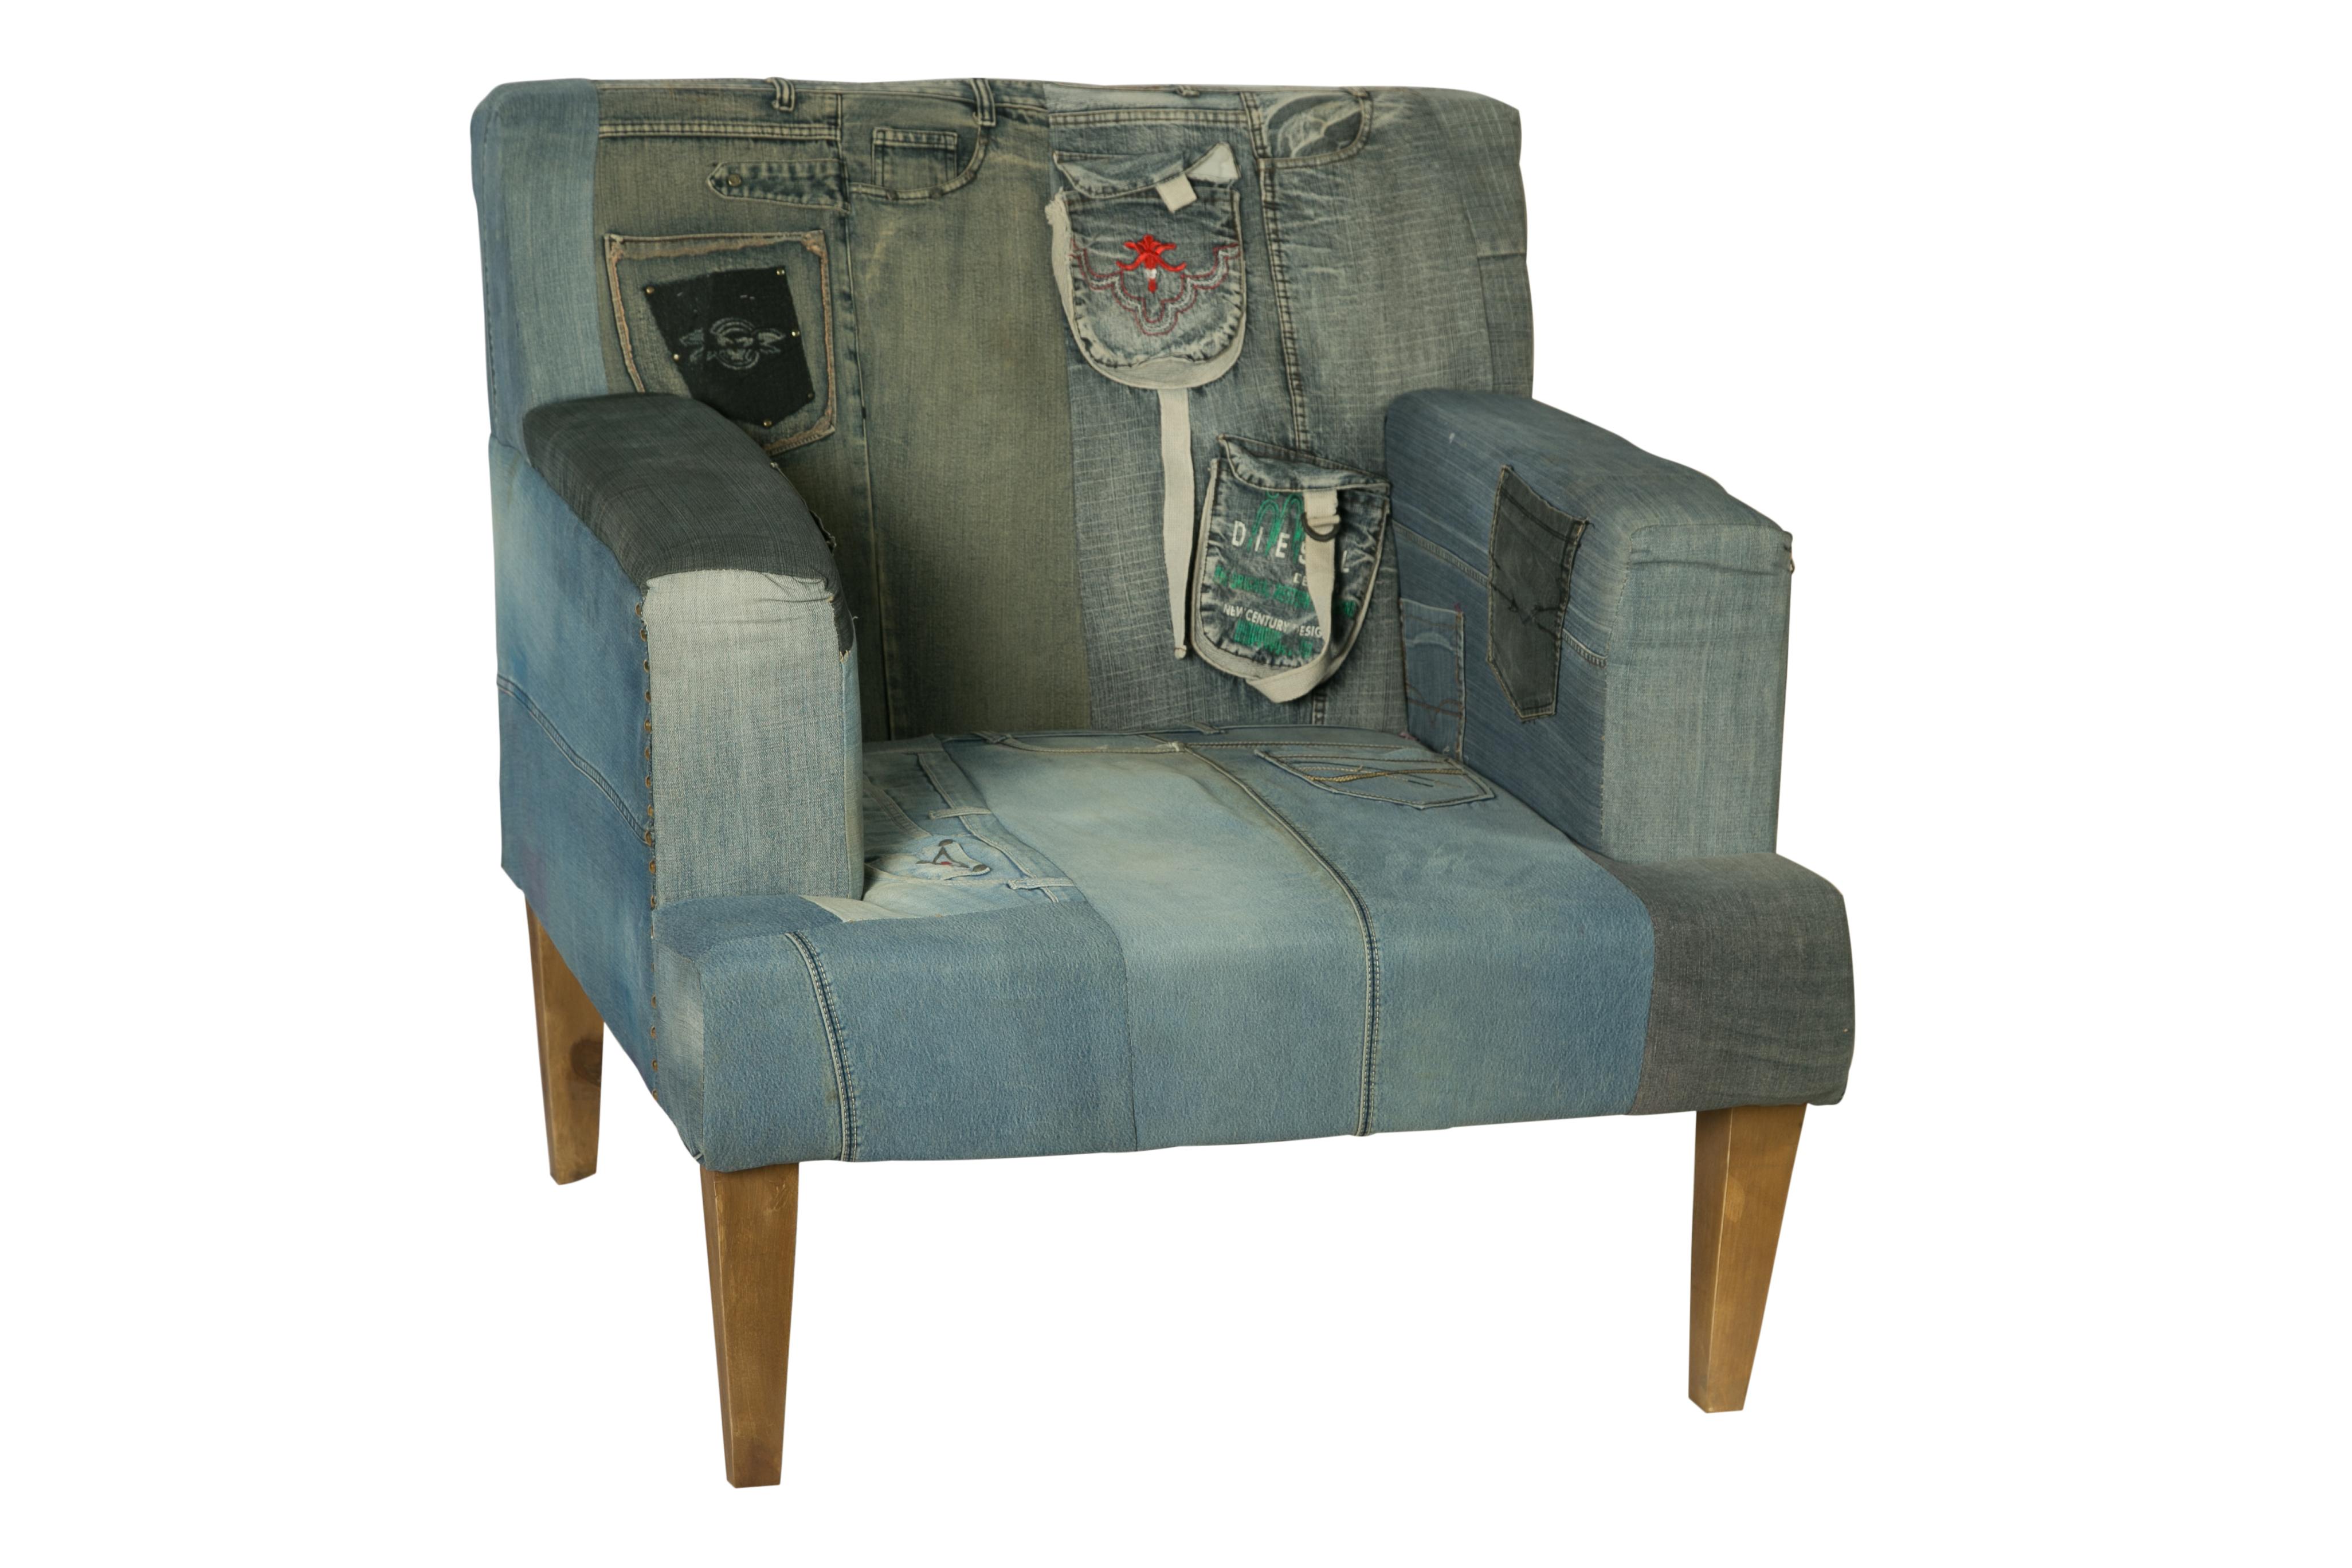 КреслоИнтерьерные кресла<br><br><br>Material: Джинса<br>Width см: 77<br>Depth см: 77<br>Height см: 92